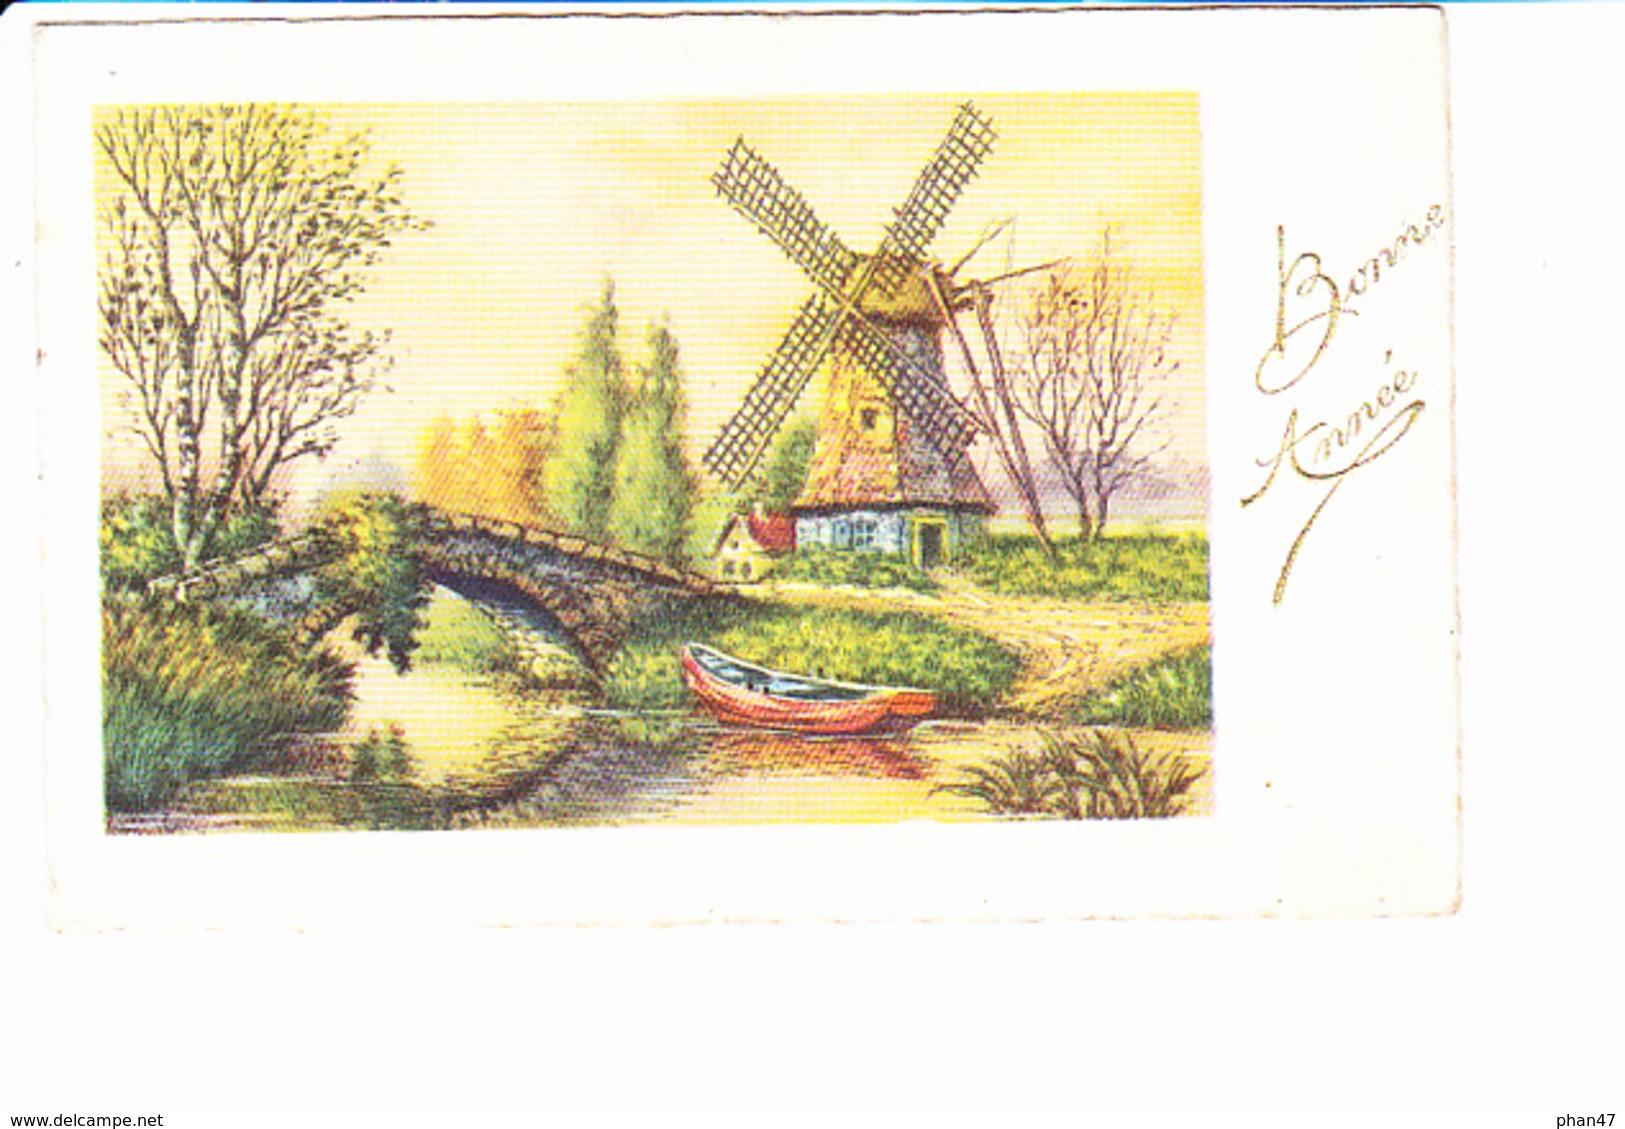 BONNE ANNEE, Moulin à Vent, Barque, Pont De Pierre, Ed. Super 1940 Environ - Nouvel An